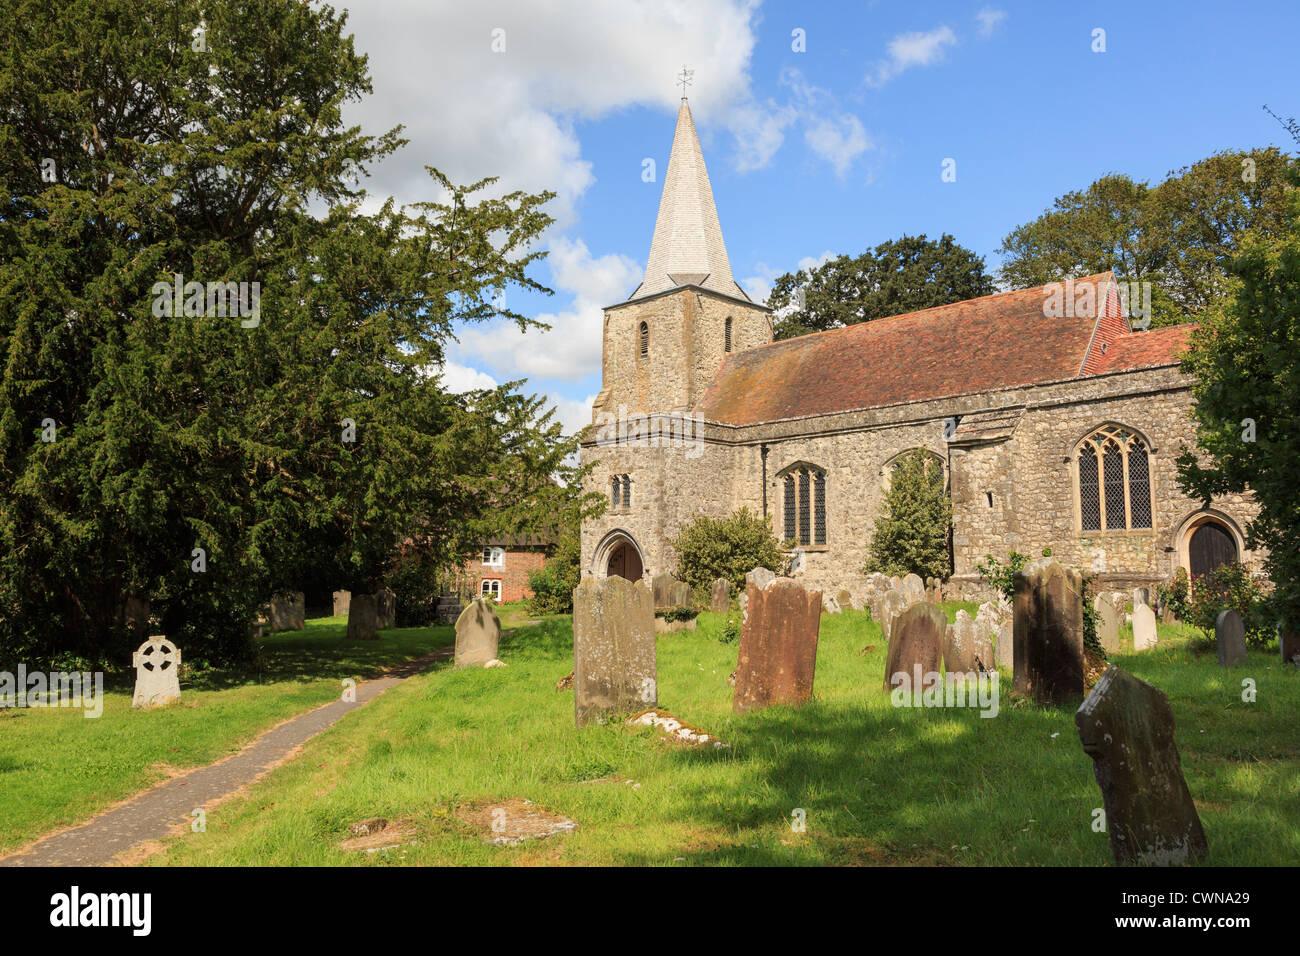 Pluckley iglesia parroquial de San Nicolás y el cementerio con la reputación de ser perseguido por dos Imagen De Stock